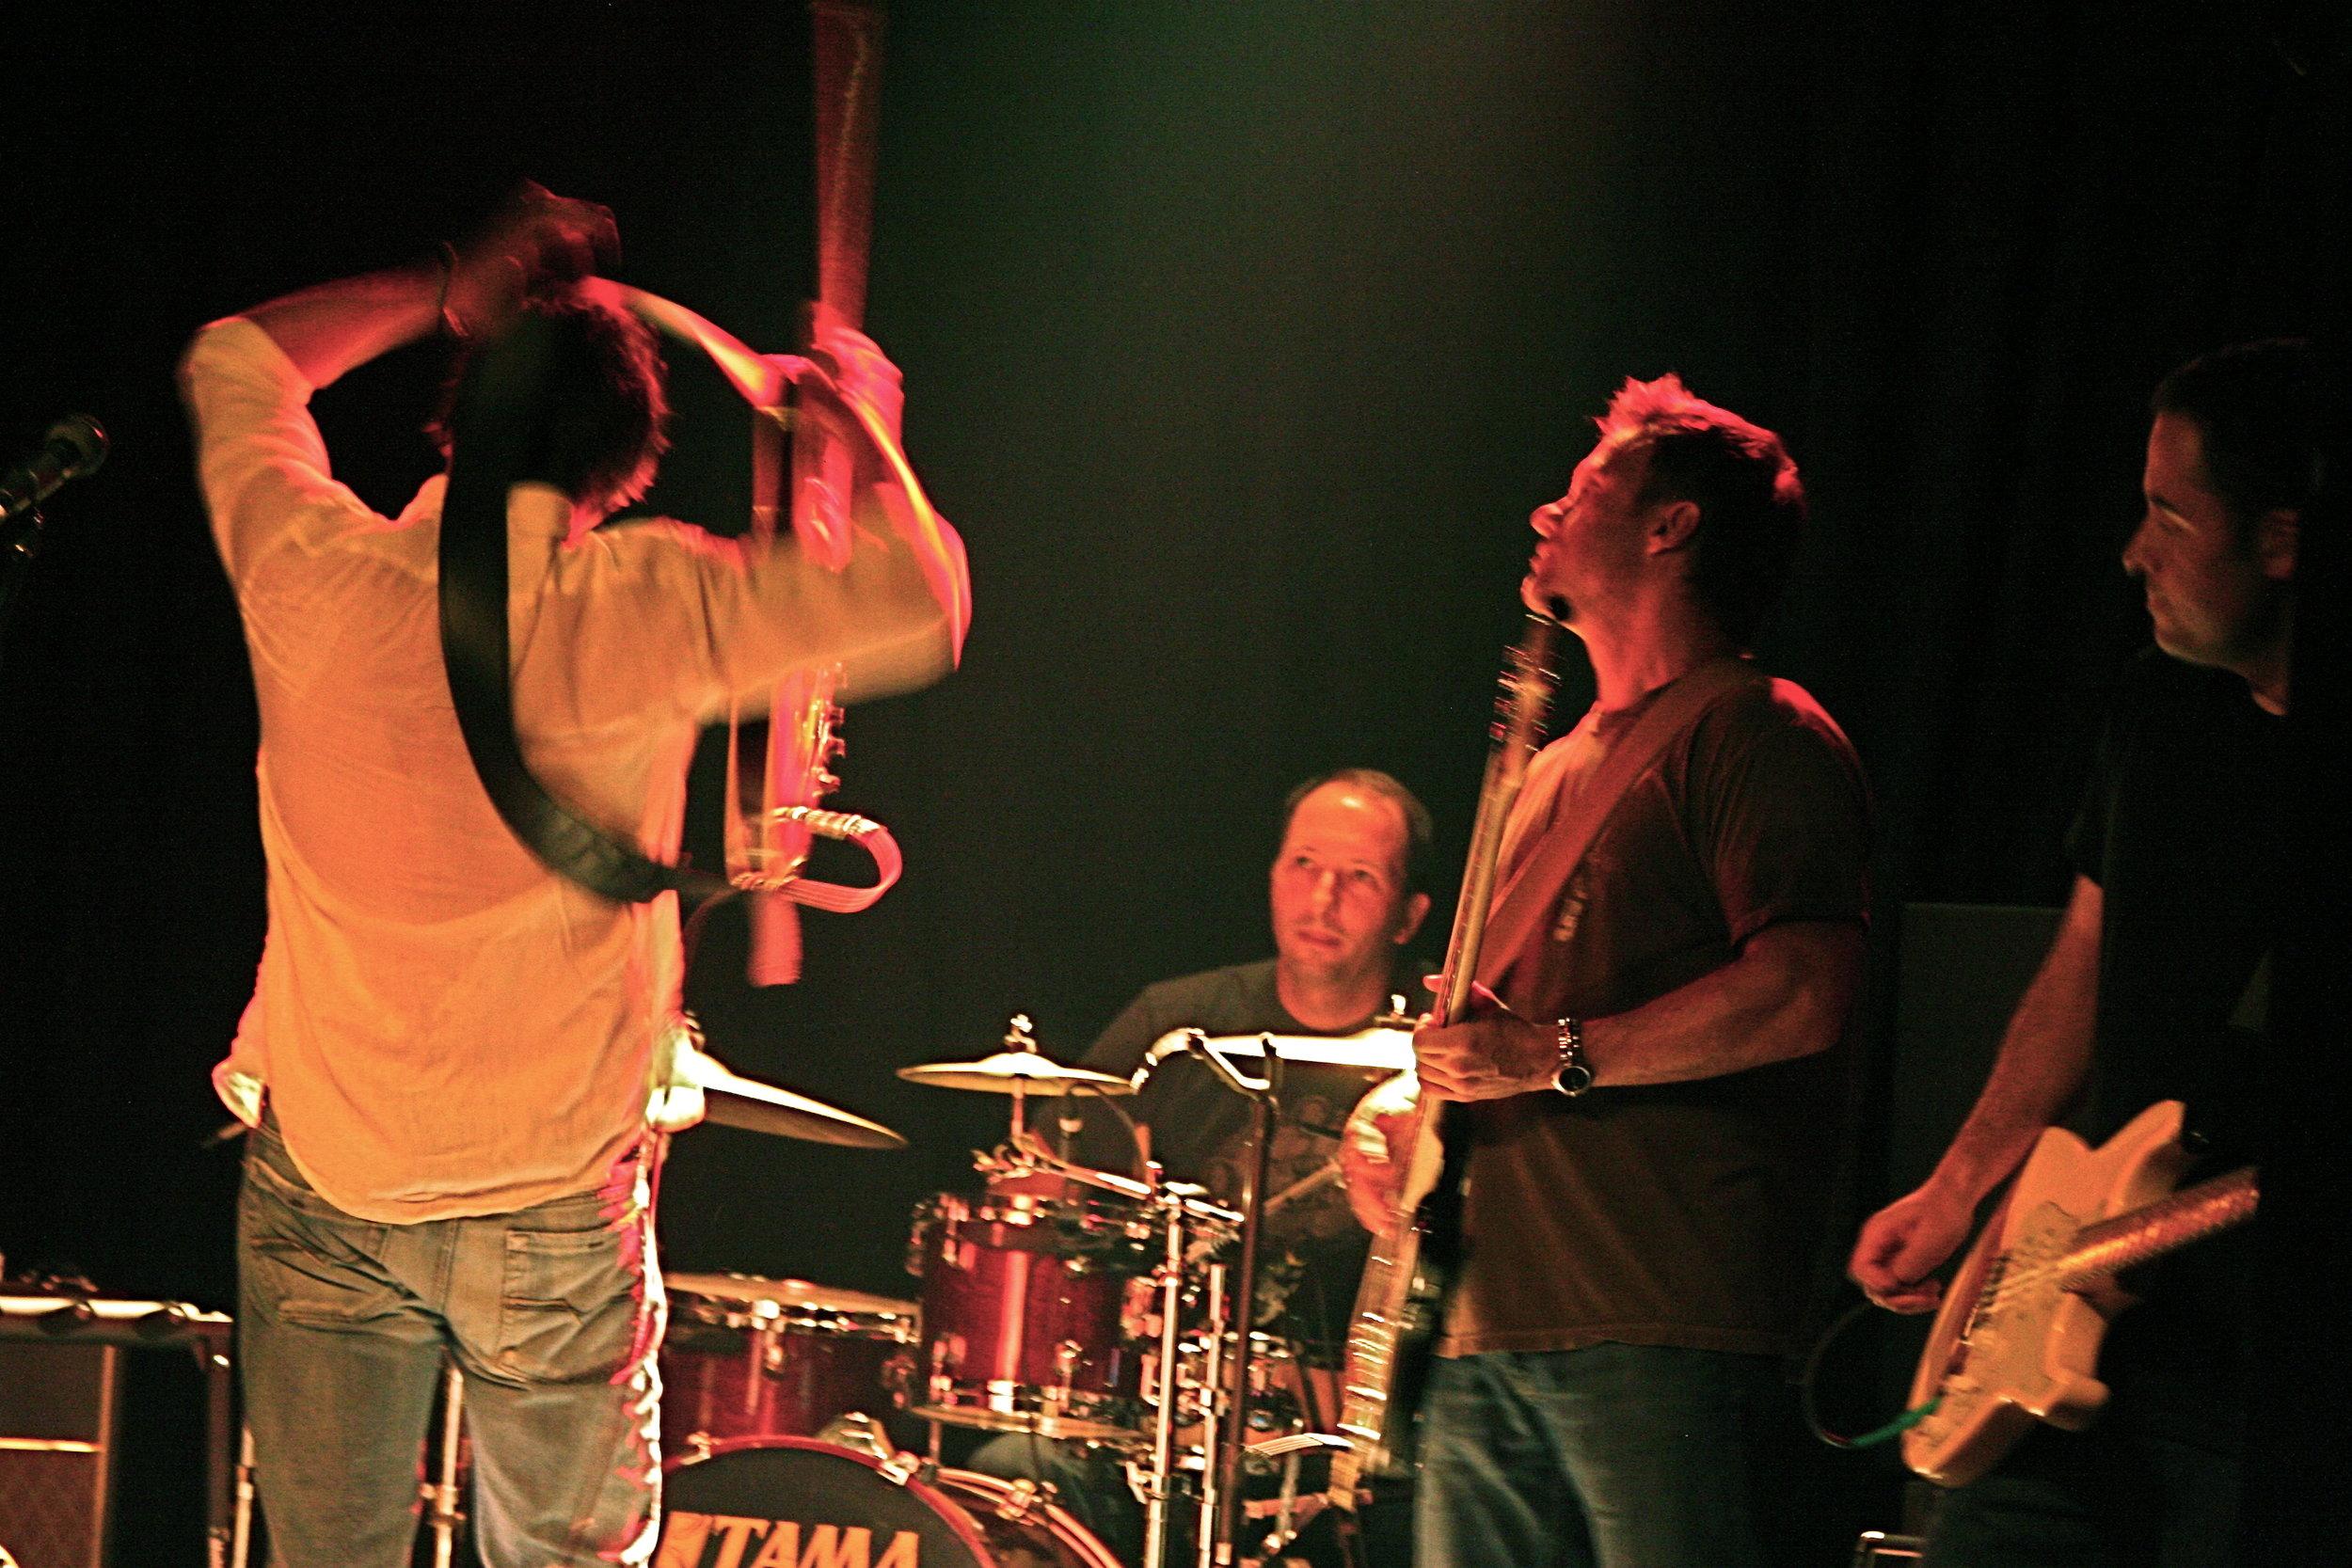 Steve Baskin Atlanta Singer Songwriter Vinyl Backside lg.JPG